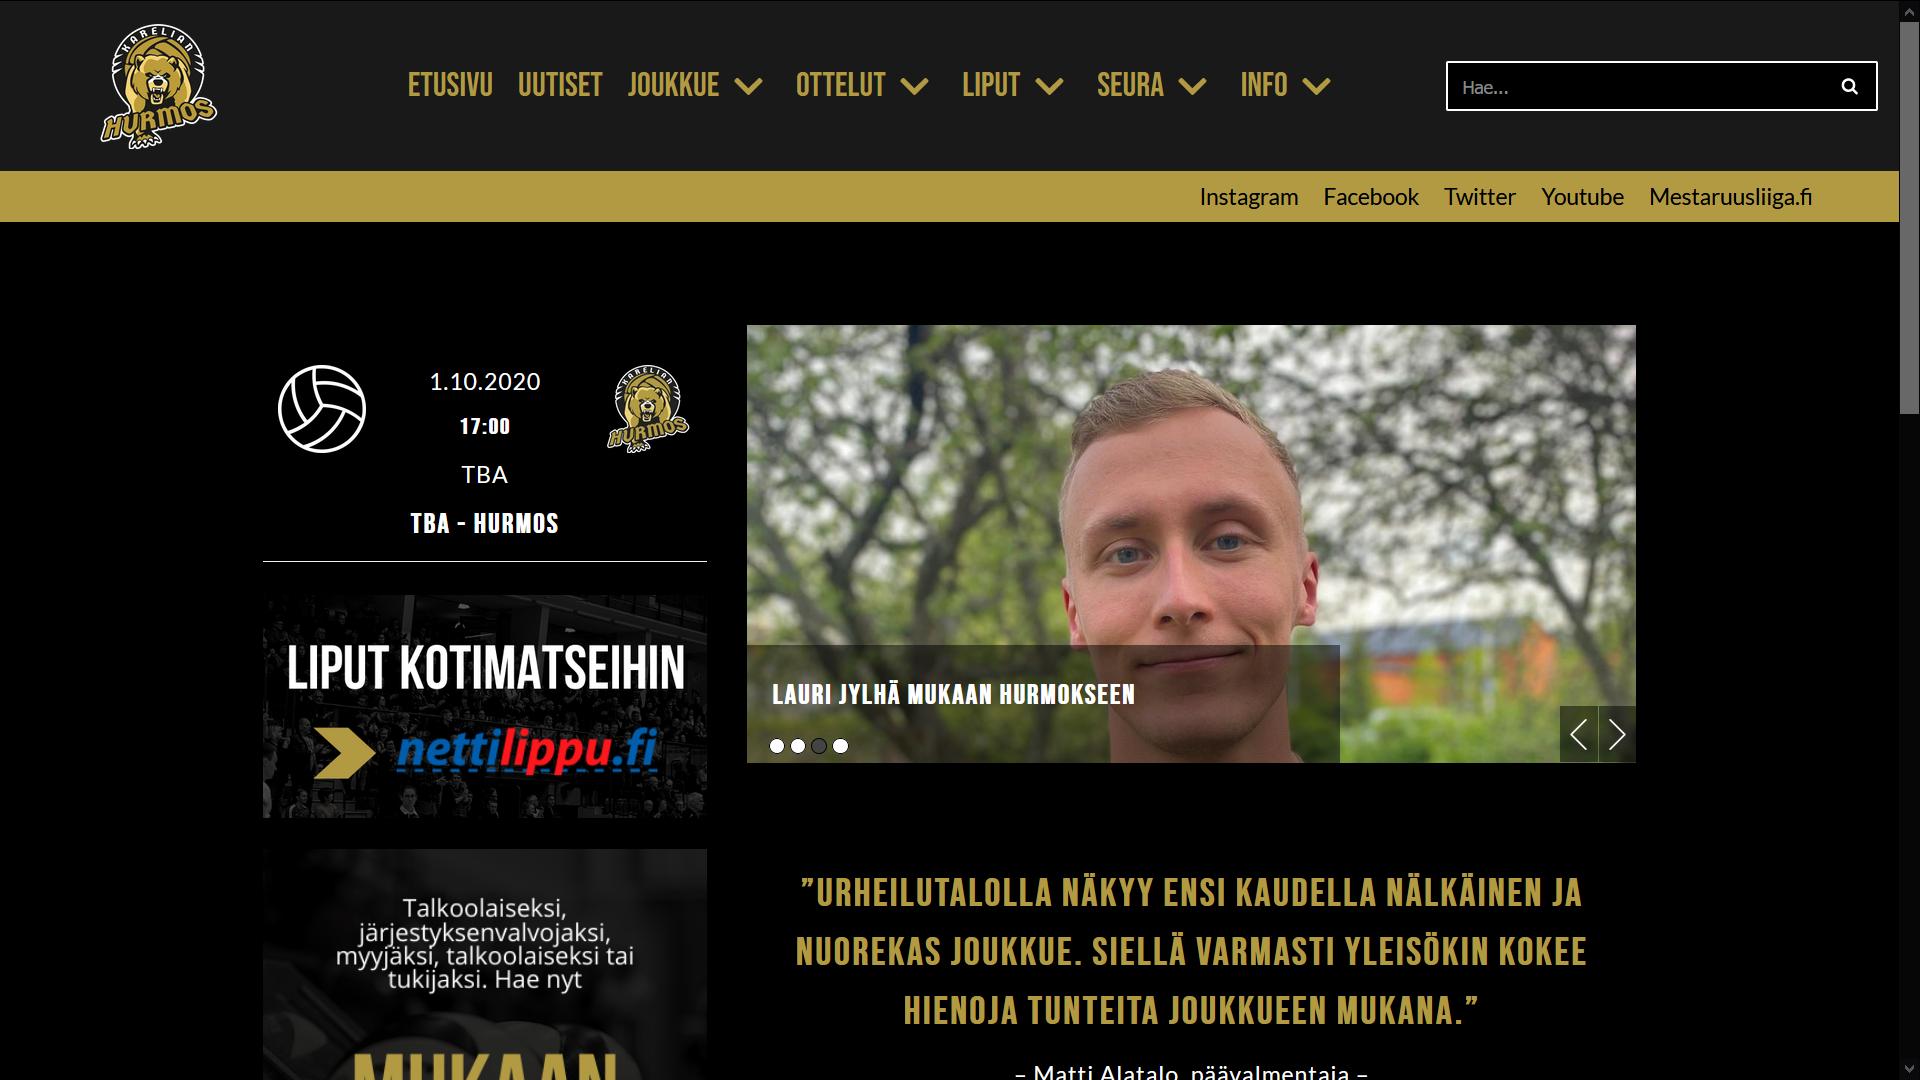 UUSI karelianhurmos.fi